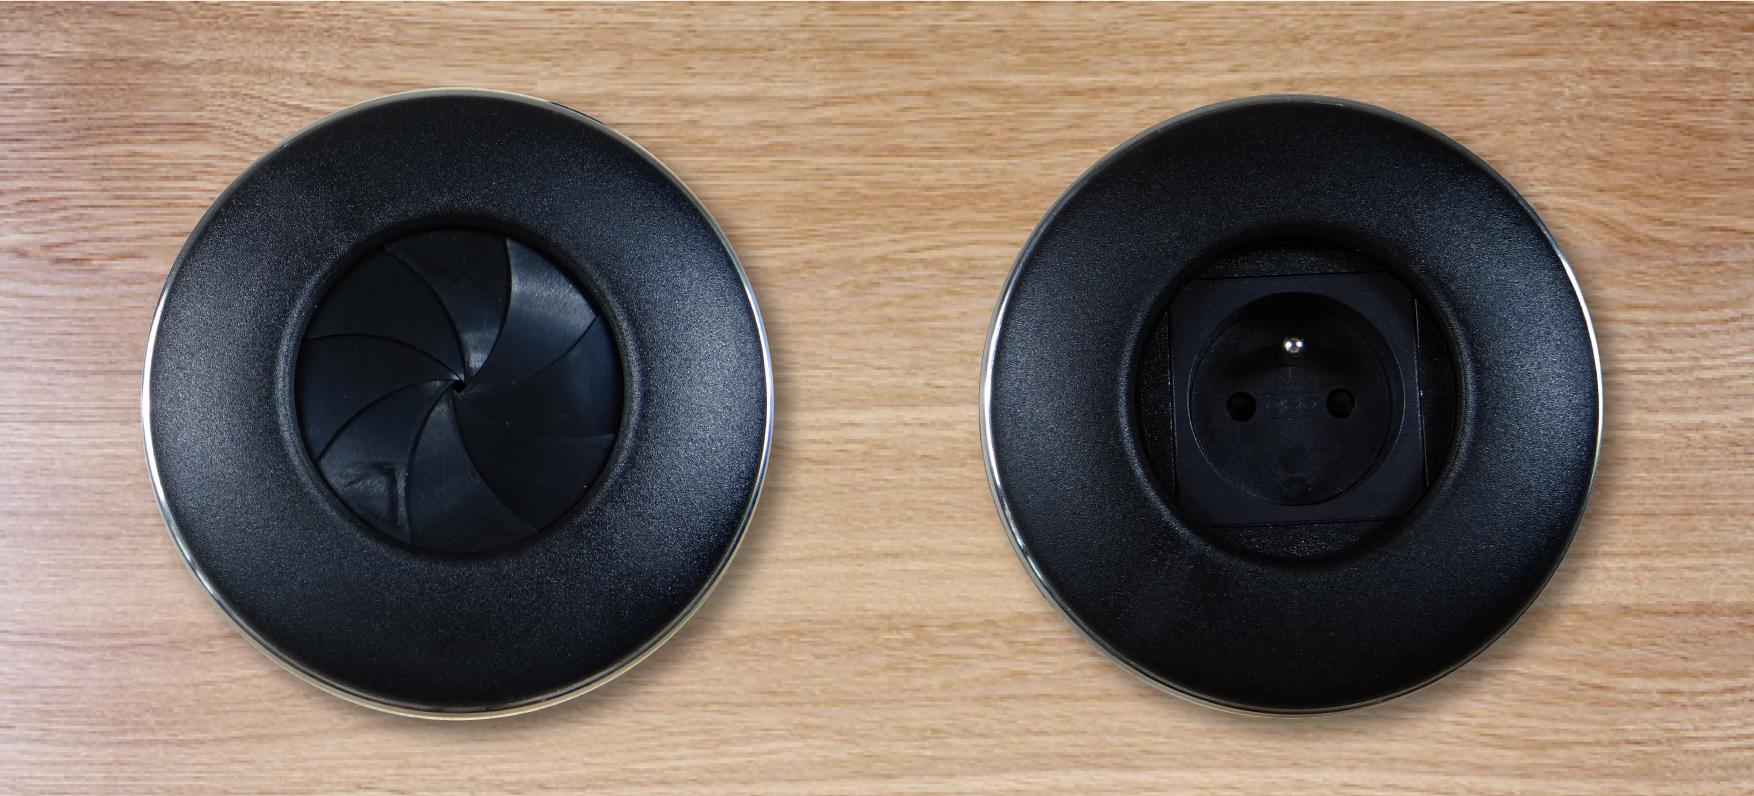 DIGITEL Digitel Iris - Boitier de connexion 1x 220V - Noir